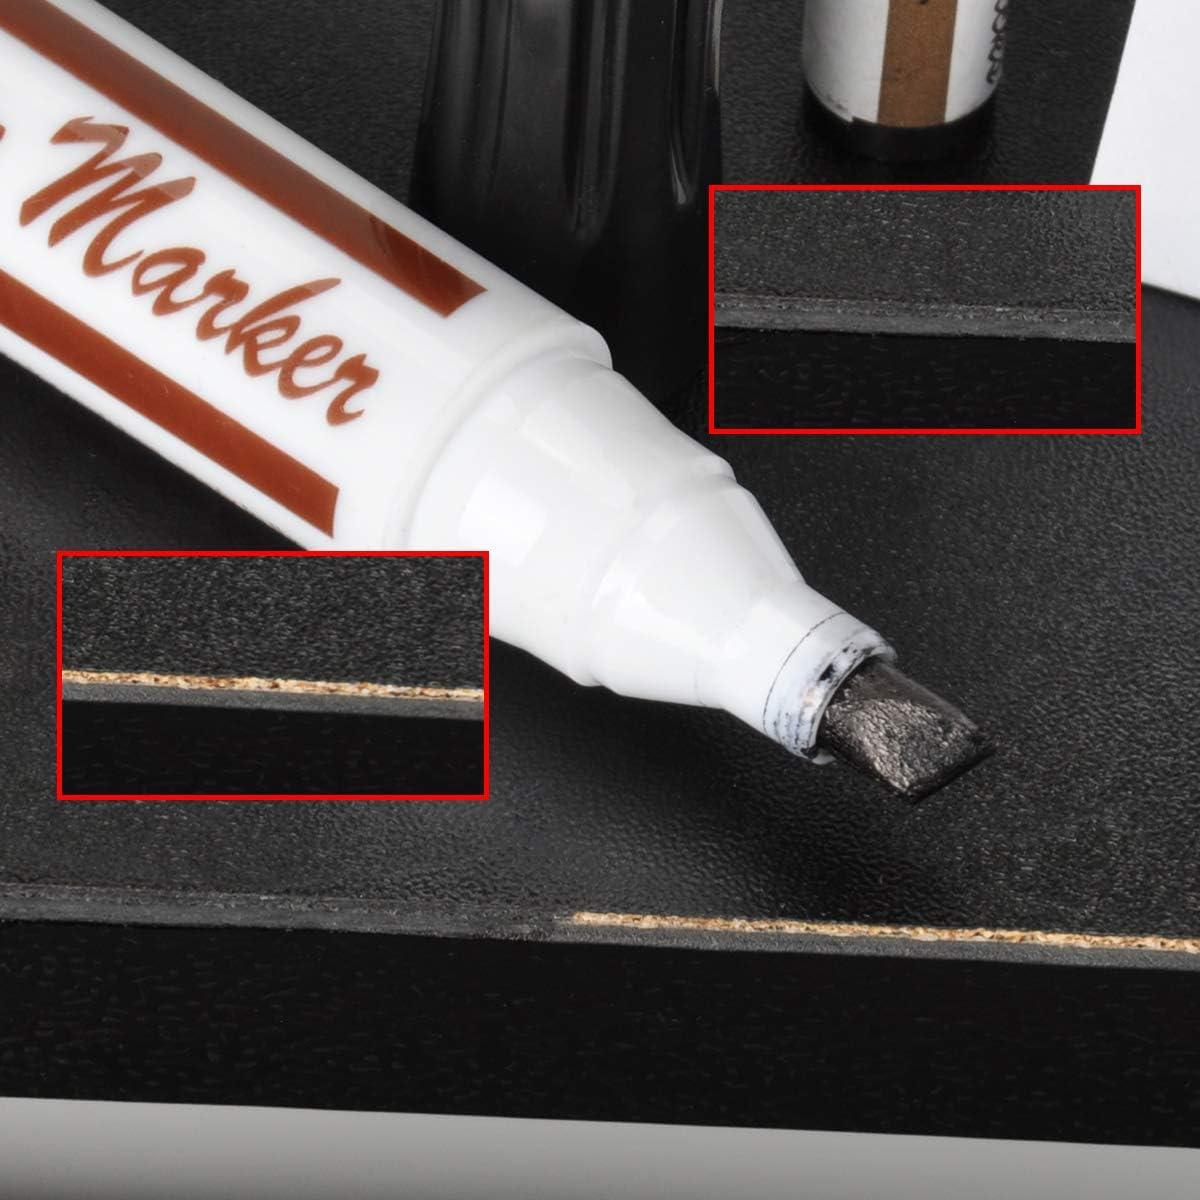 qiuxiaoaa 17Pcs Muebles Kit de retoque Marcadores y Palos de Relleno Kit de restauraci/ón de ara/ñazos de Madera Revestimiento Entrega aleatoria